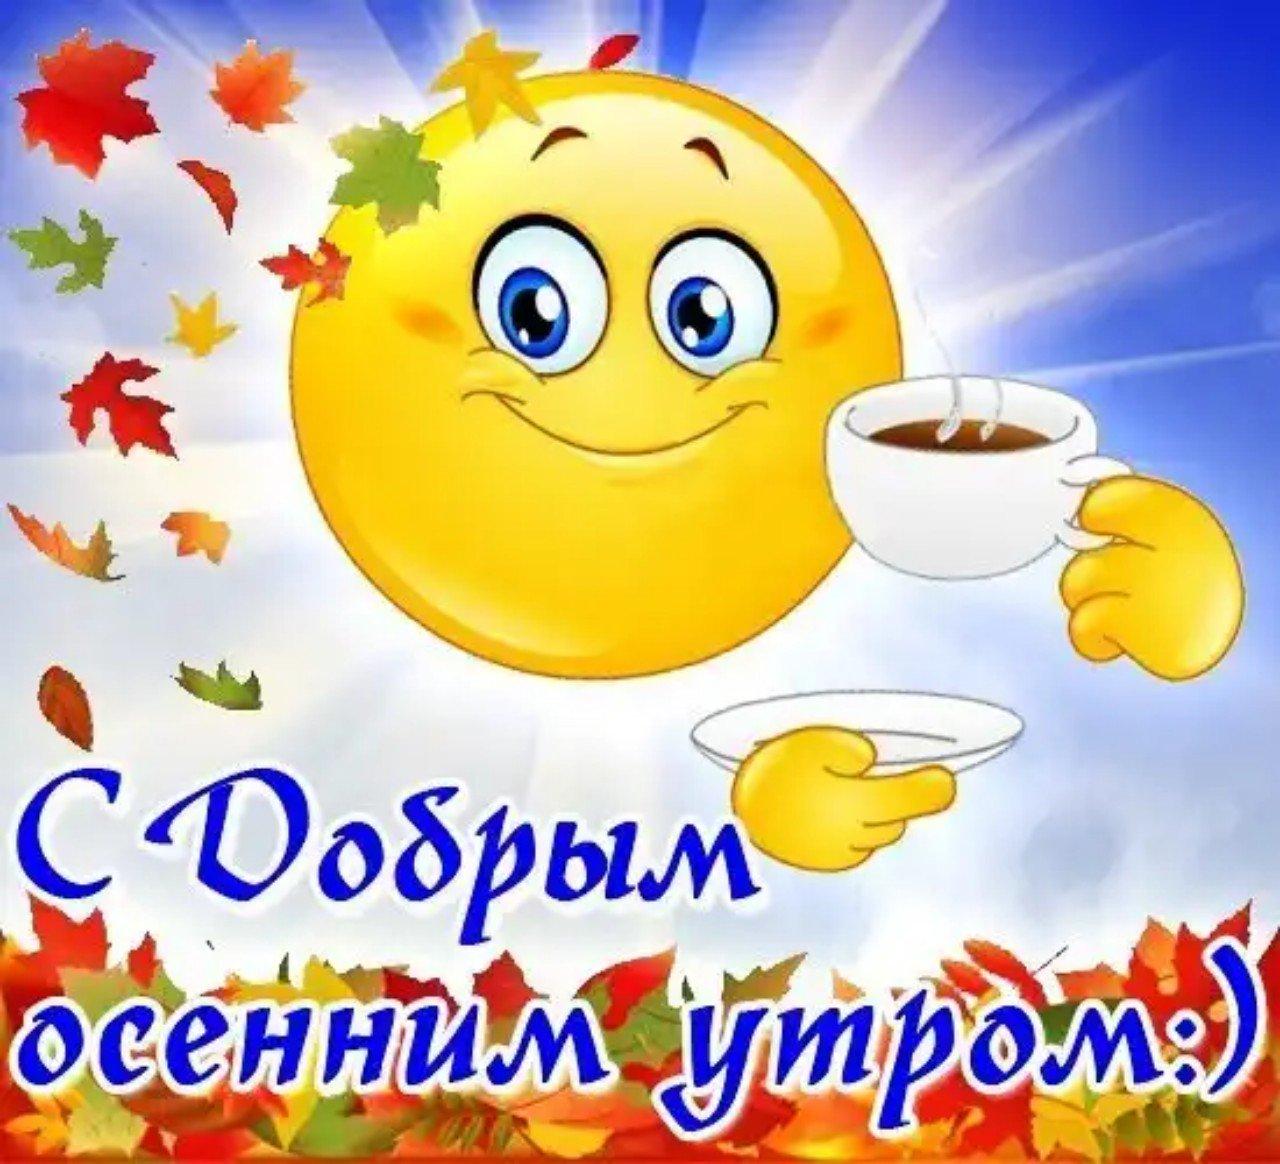 Класс открытке, доброго сентябрьского утра и хорошего дня картинки красивые